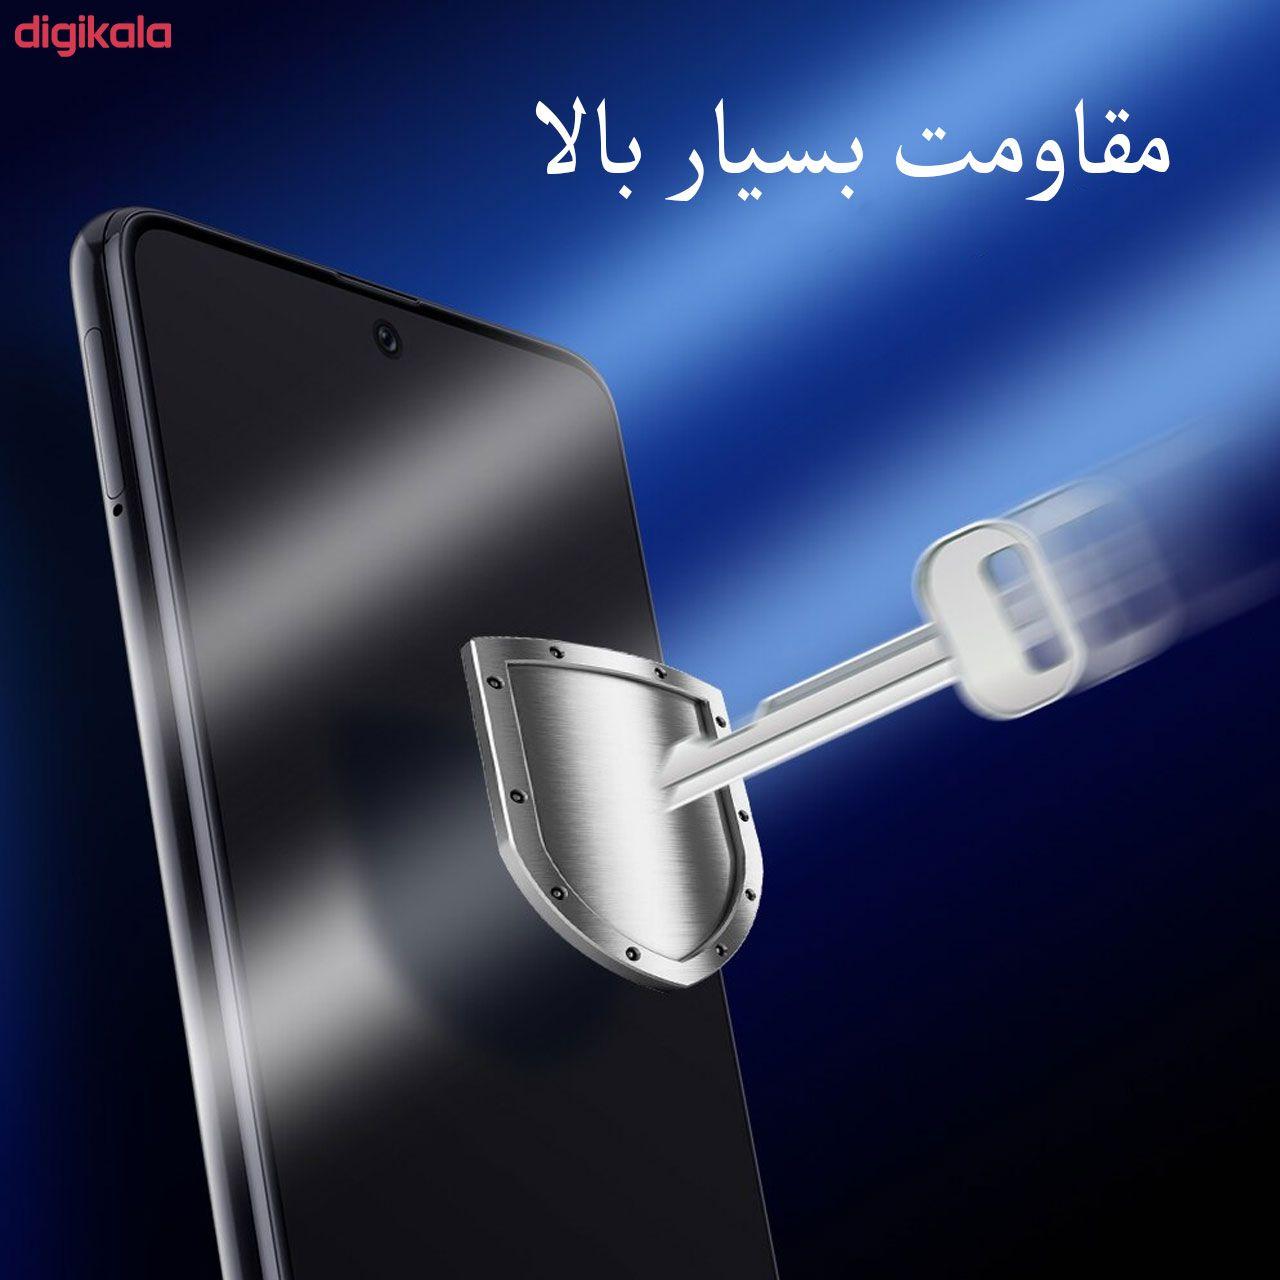 محافظ صفحه نمایش مدل FCG مناسب برای گوشی موبایل شیائومی Redmi Note 9S main 1 2